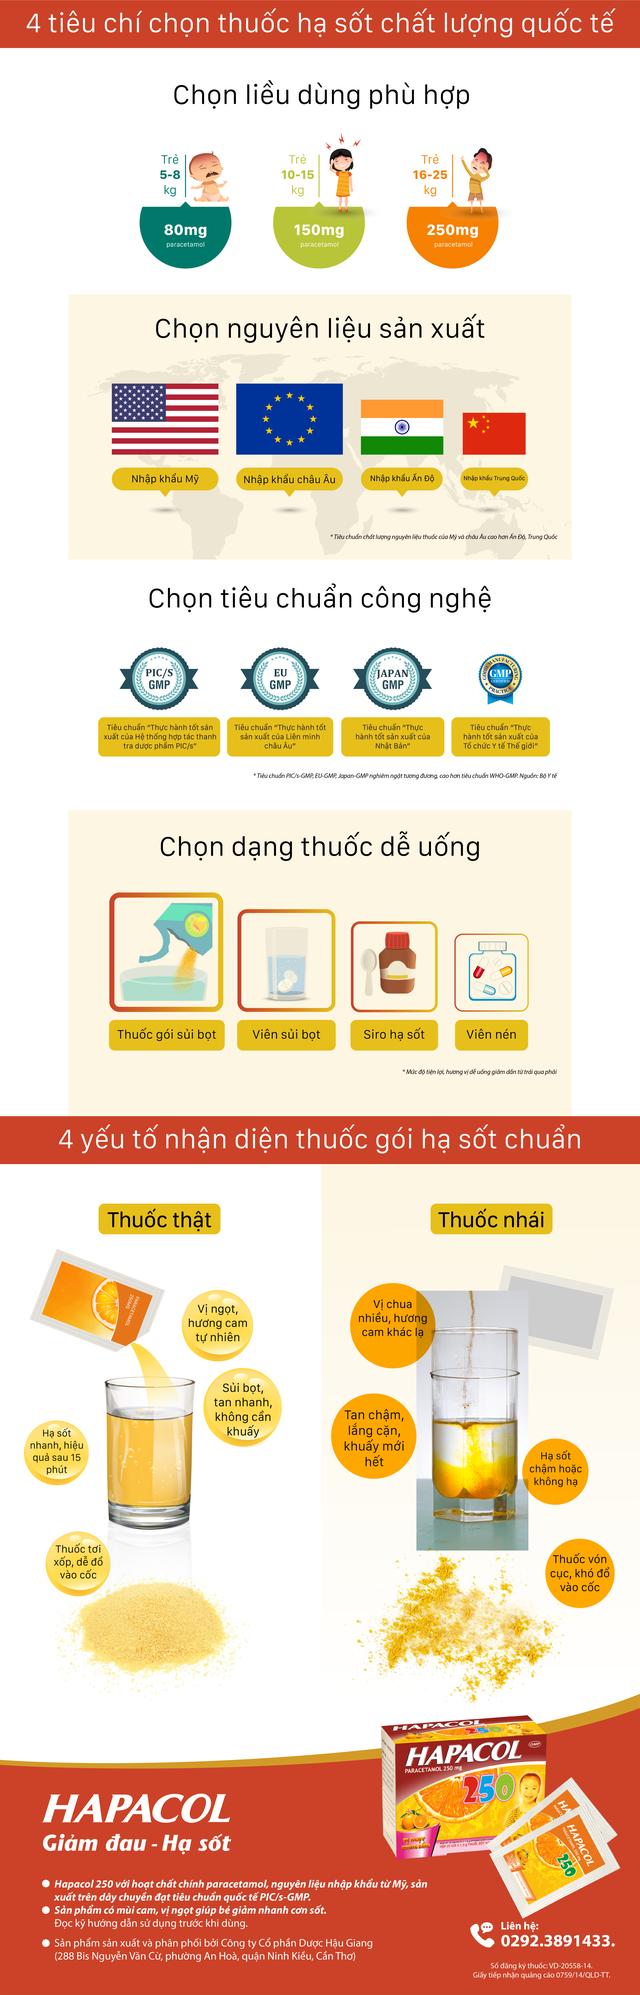 Nhận diện thuốc hạ sốt chuẩn chất lượng quốc tế cho trẻ - 1